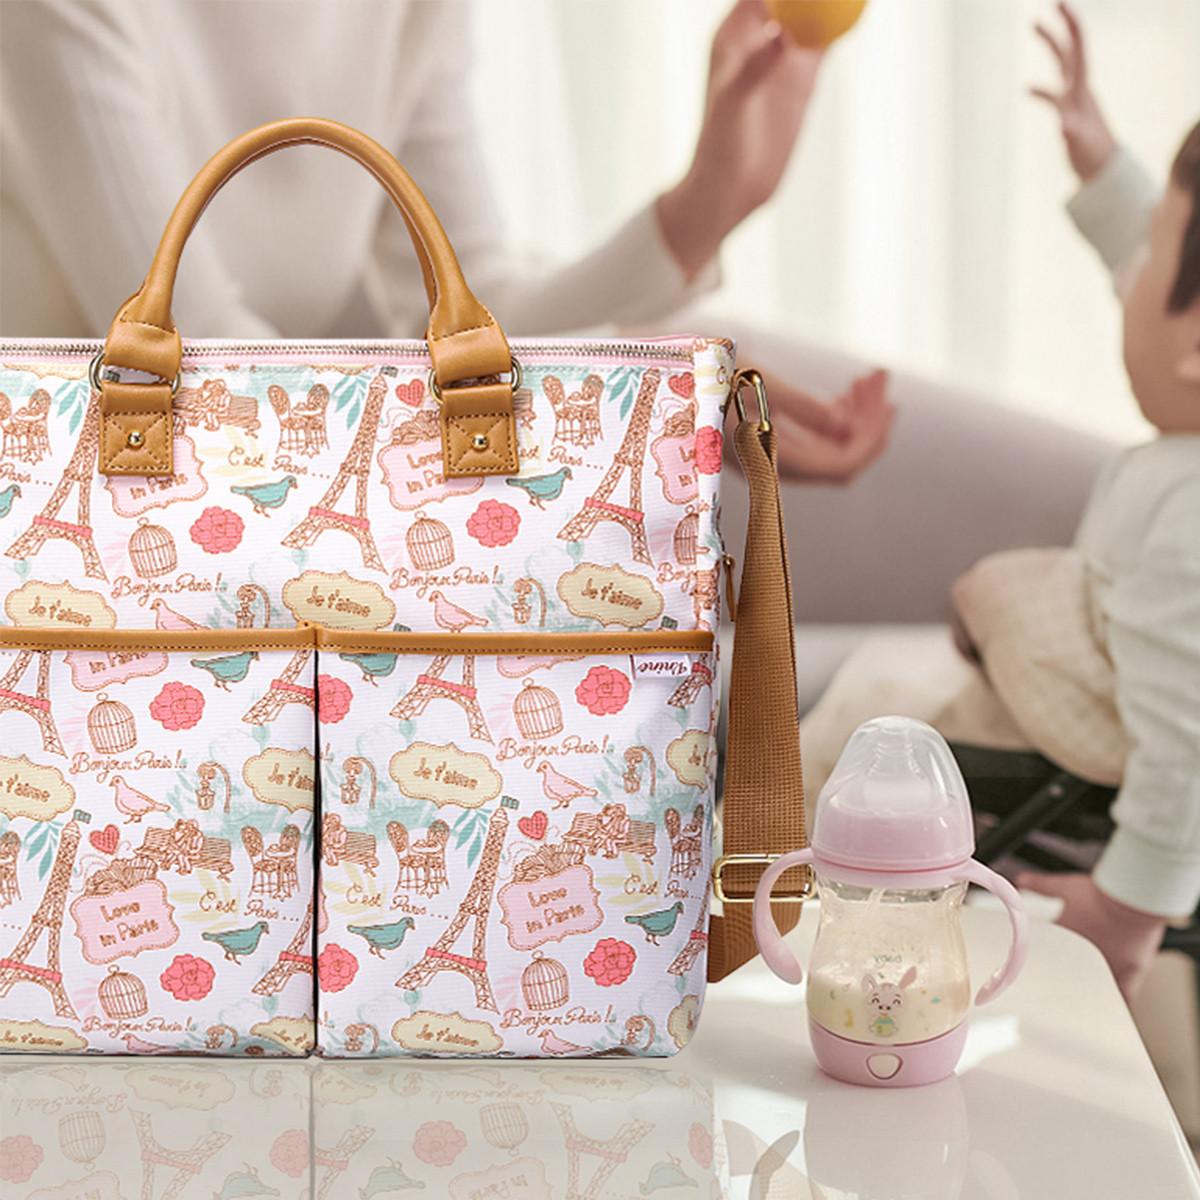 第九城 妈咪包印花大容量多功能单肩斜挎包手提外出妈妈母婴包